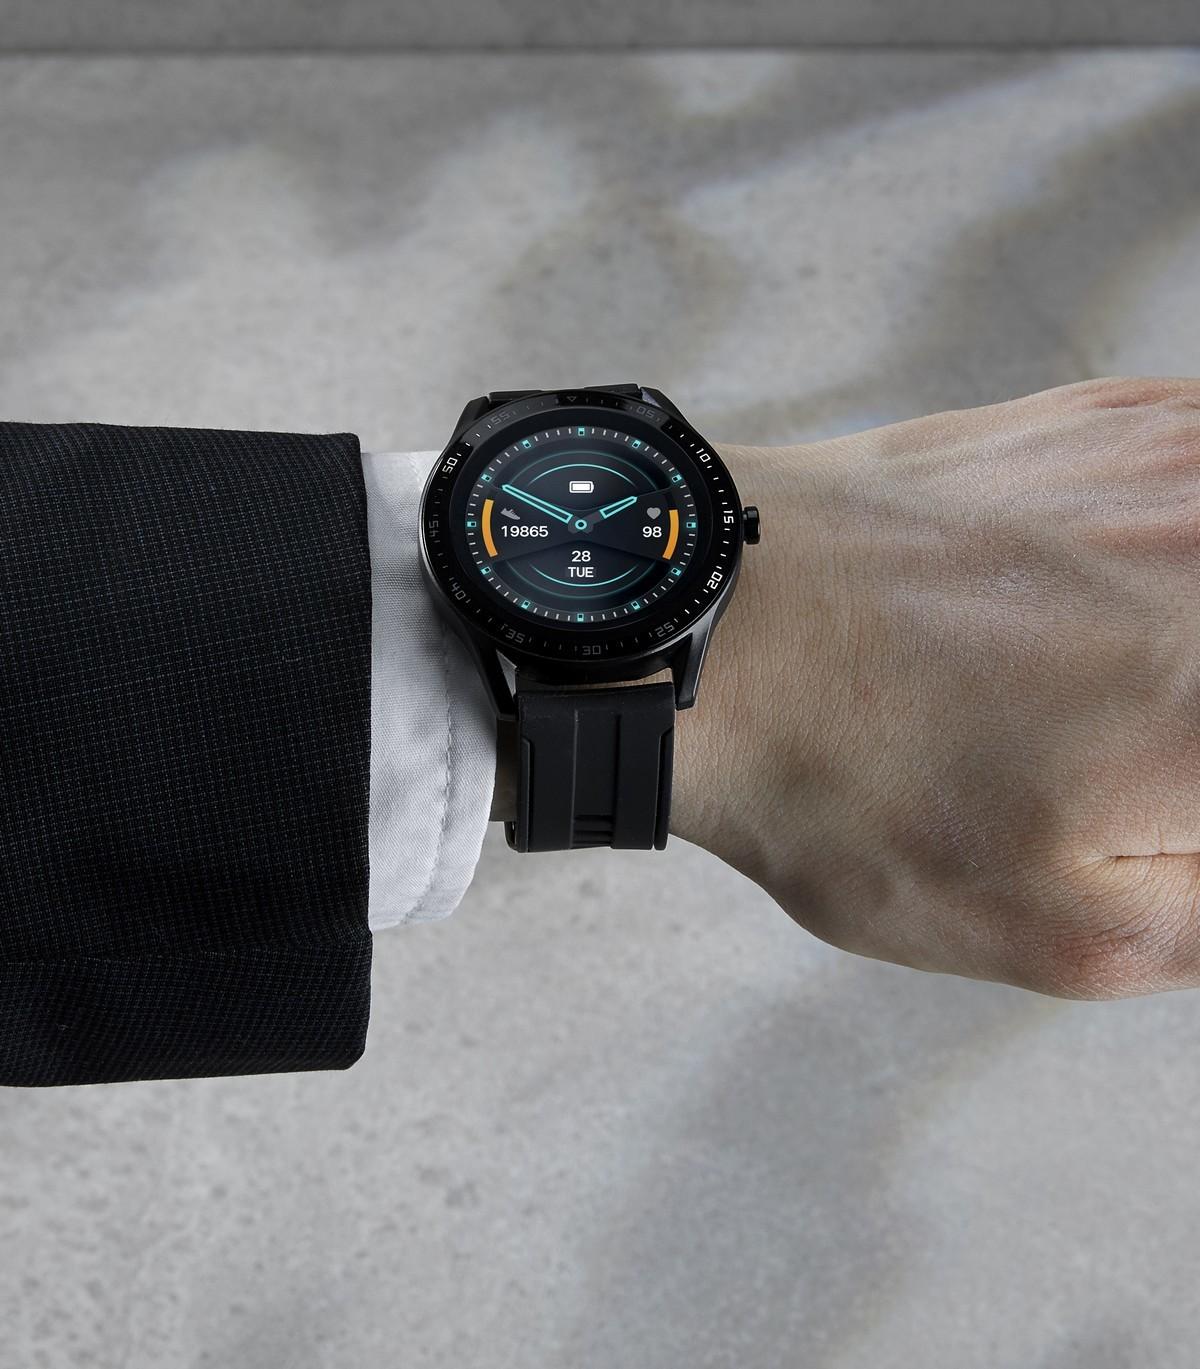 Montre connectée moderne avec écran LCD TFT